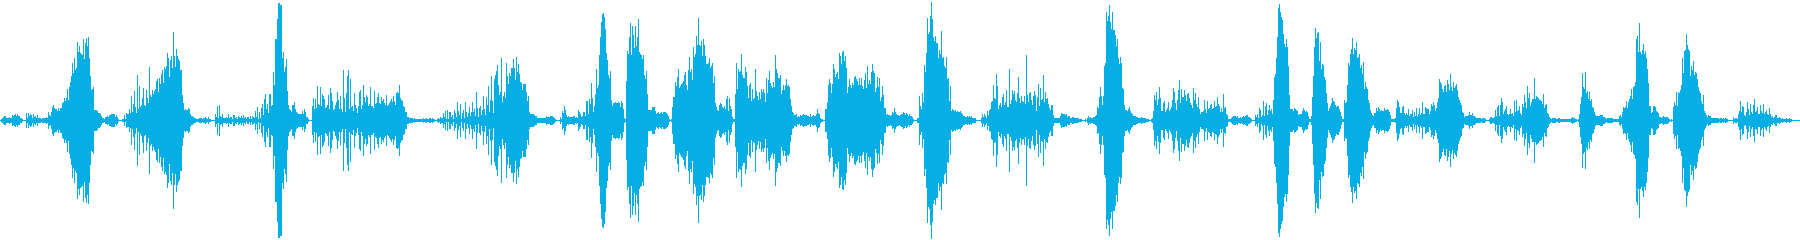 低めの成長とうなり声悪と超自然の声の再生済みの波形